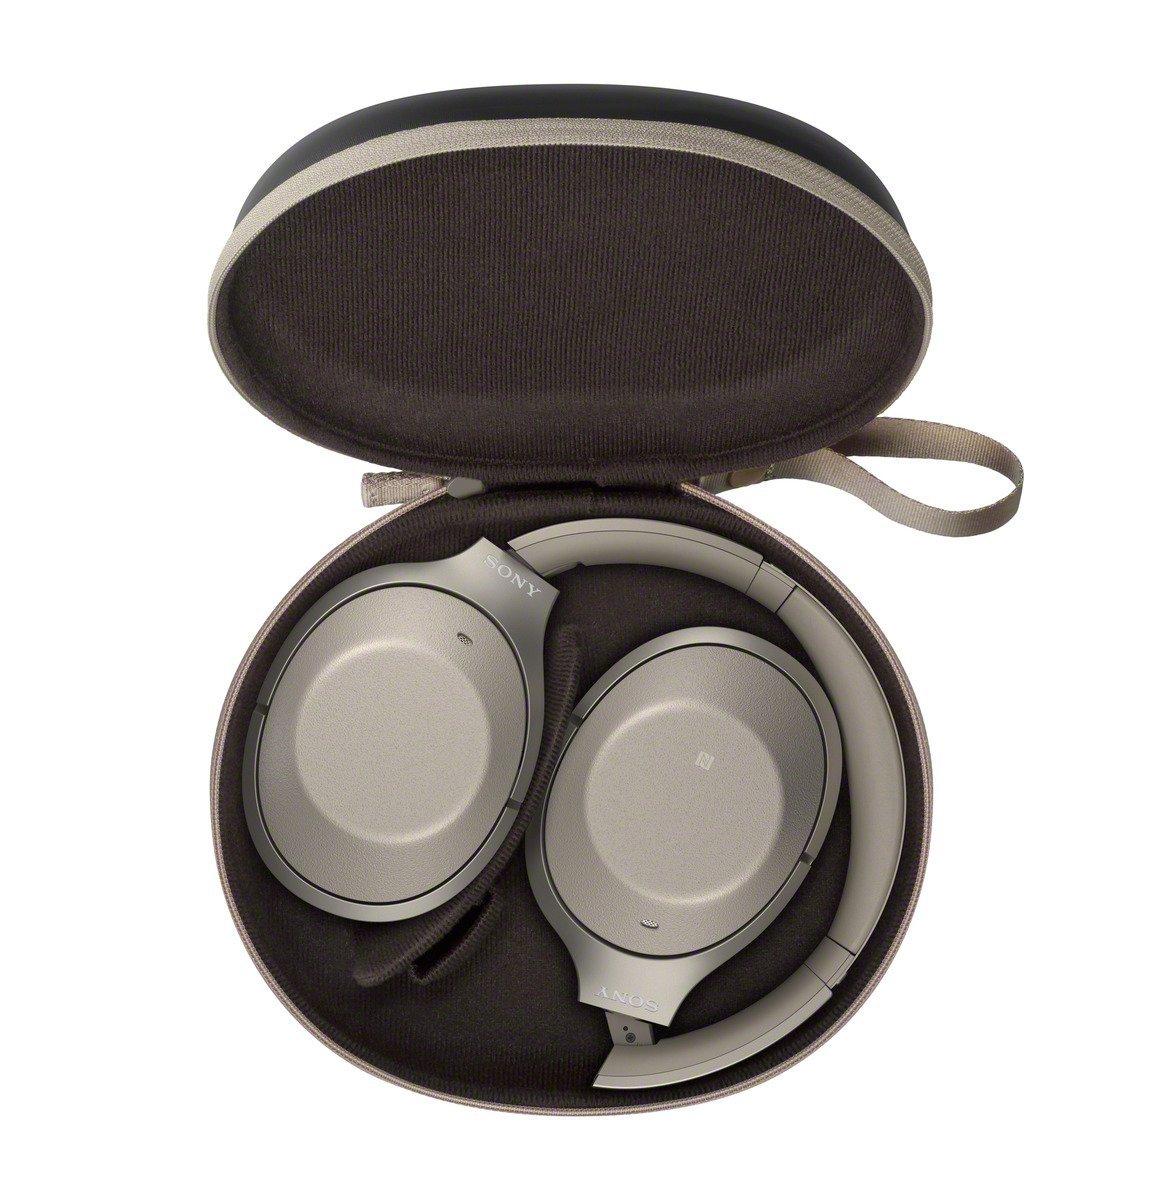 Casque Bluetooth Sony sans fil WH-1000XM2N Réduction de Bruit - Crème